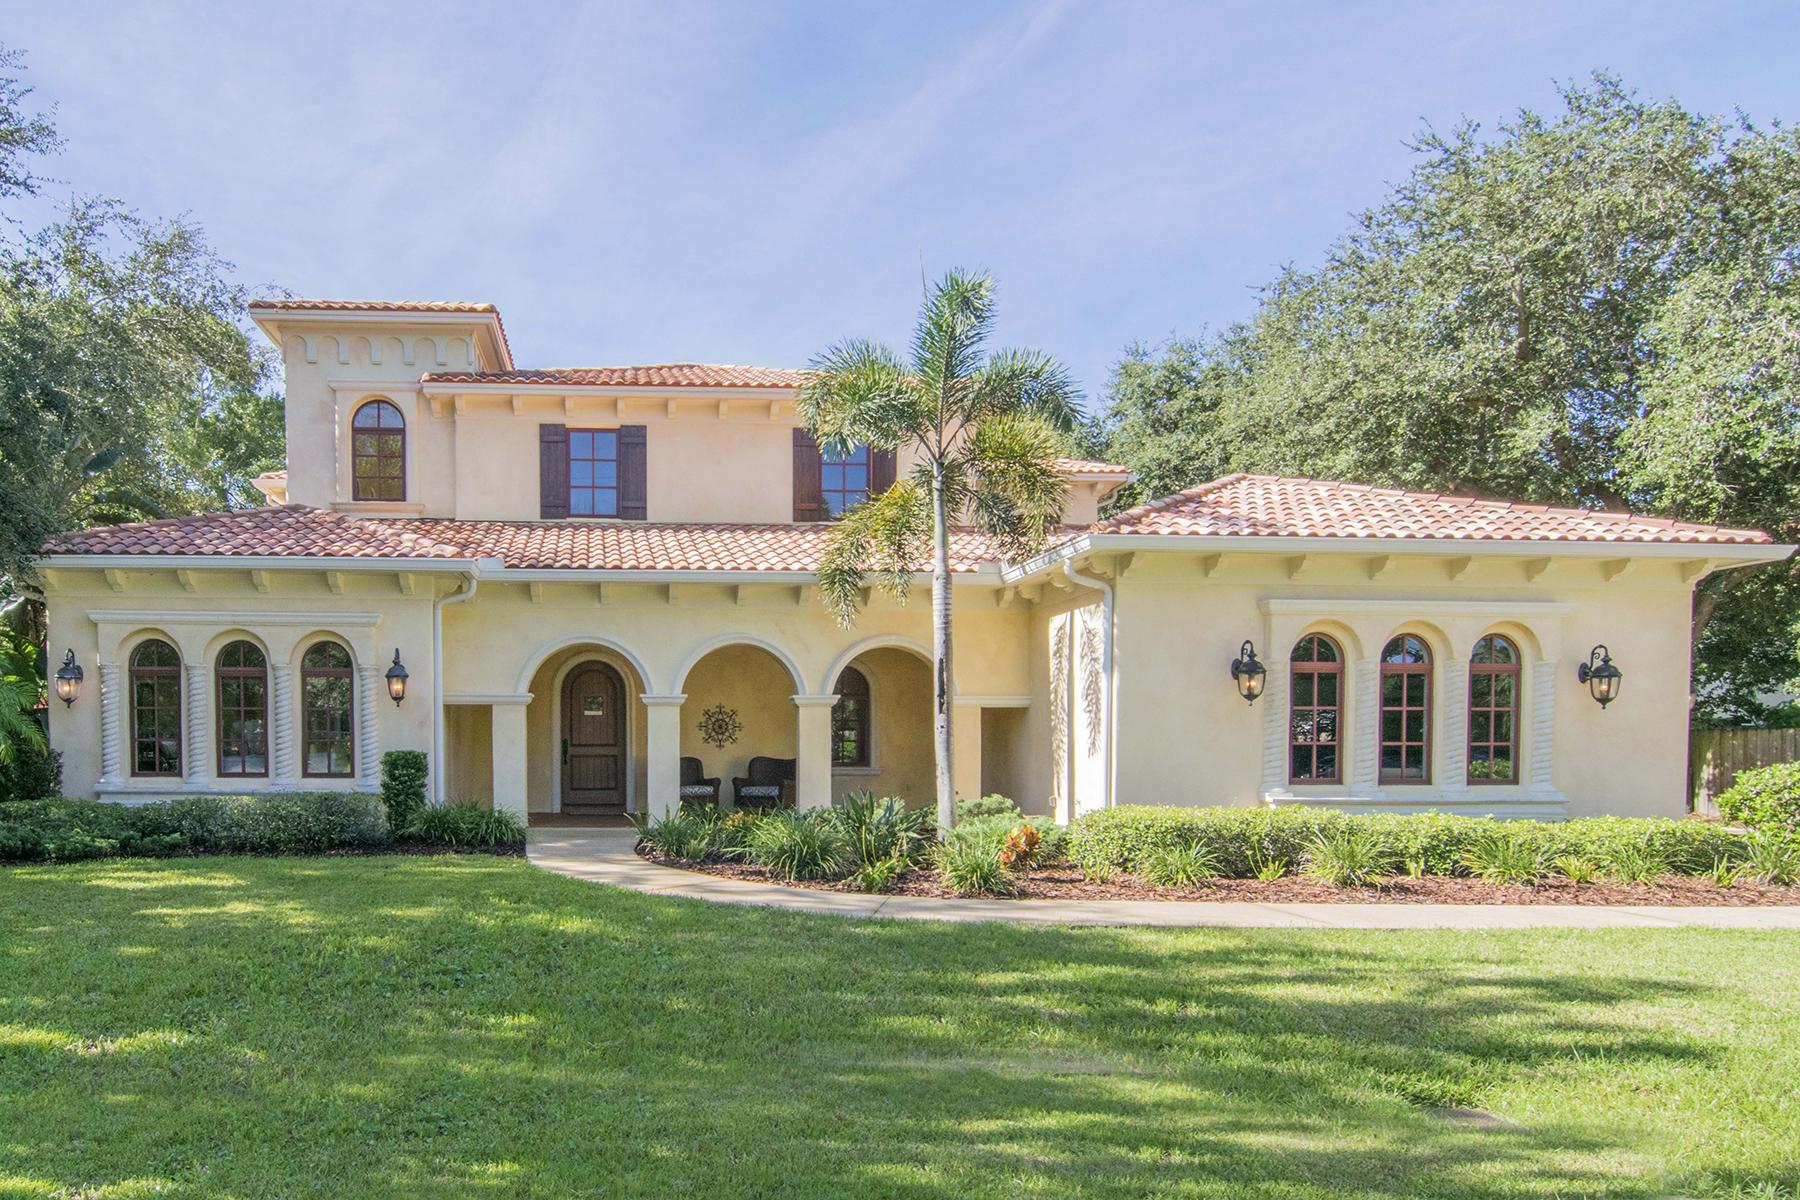 Maison unifamiliale pour l Vente à SOUTH TAMPA 4314 W Jetton Ave Tampa, Florida 33629 États-Unis